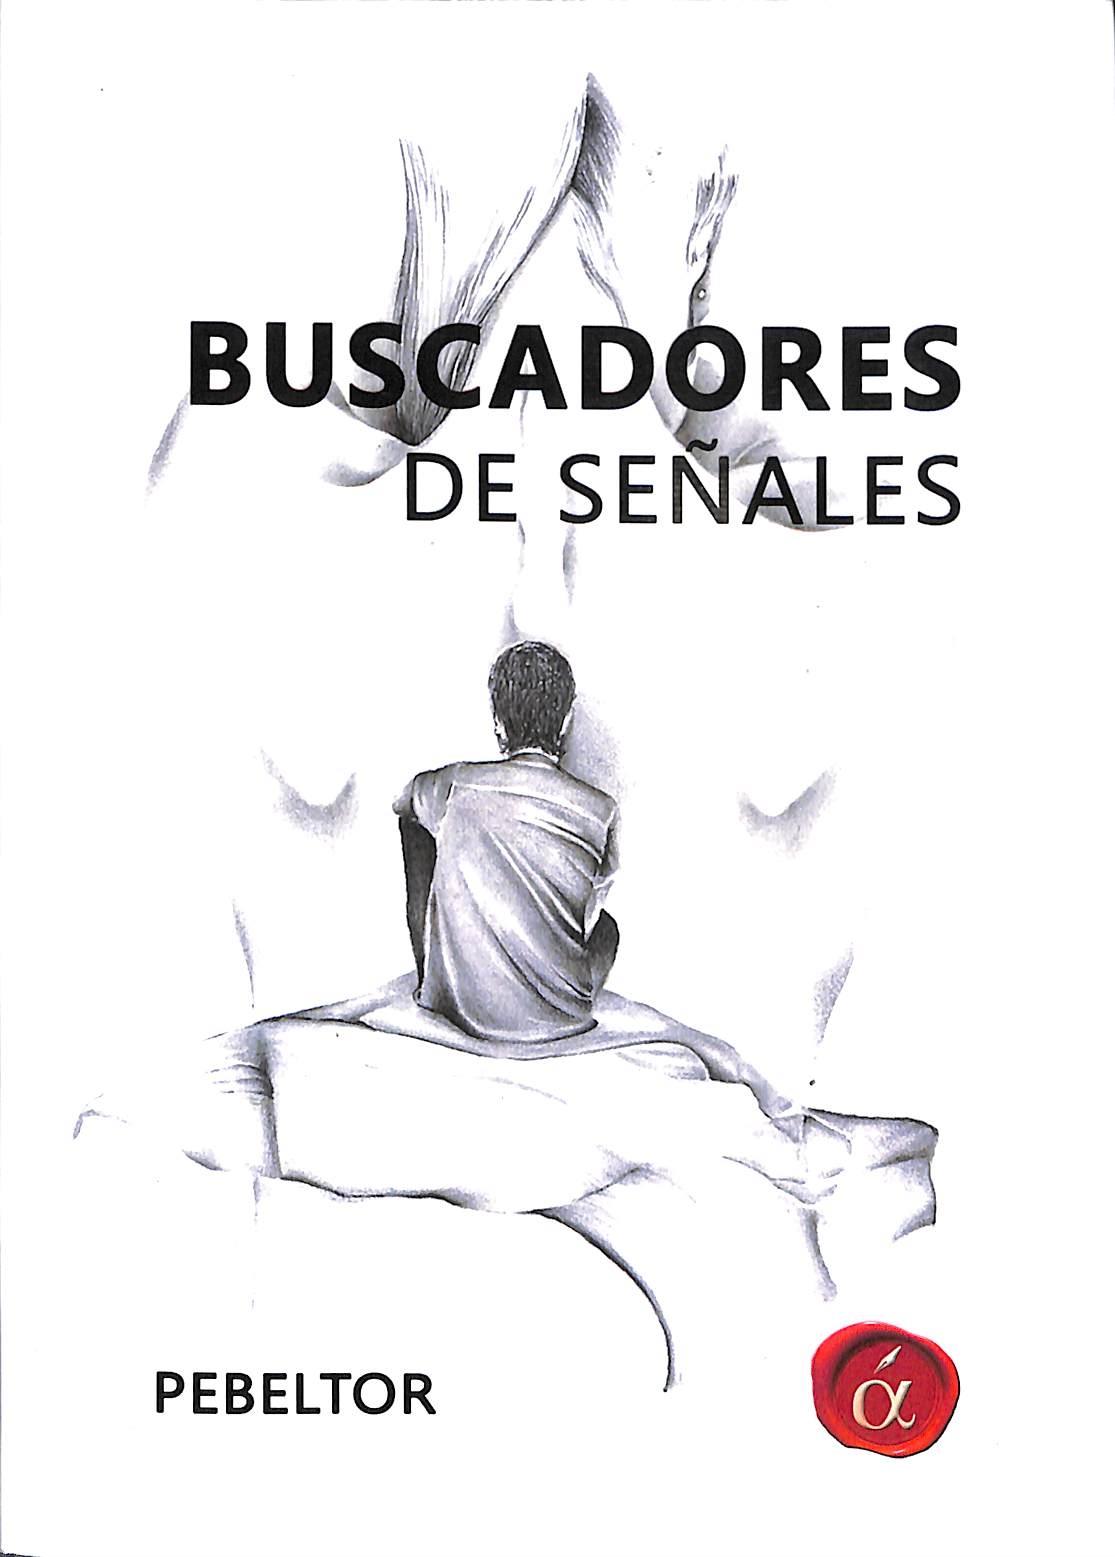 BUSCADORES DE SEÑALES. - PEBELTOR